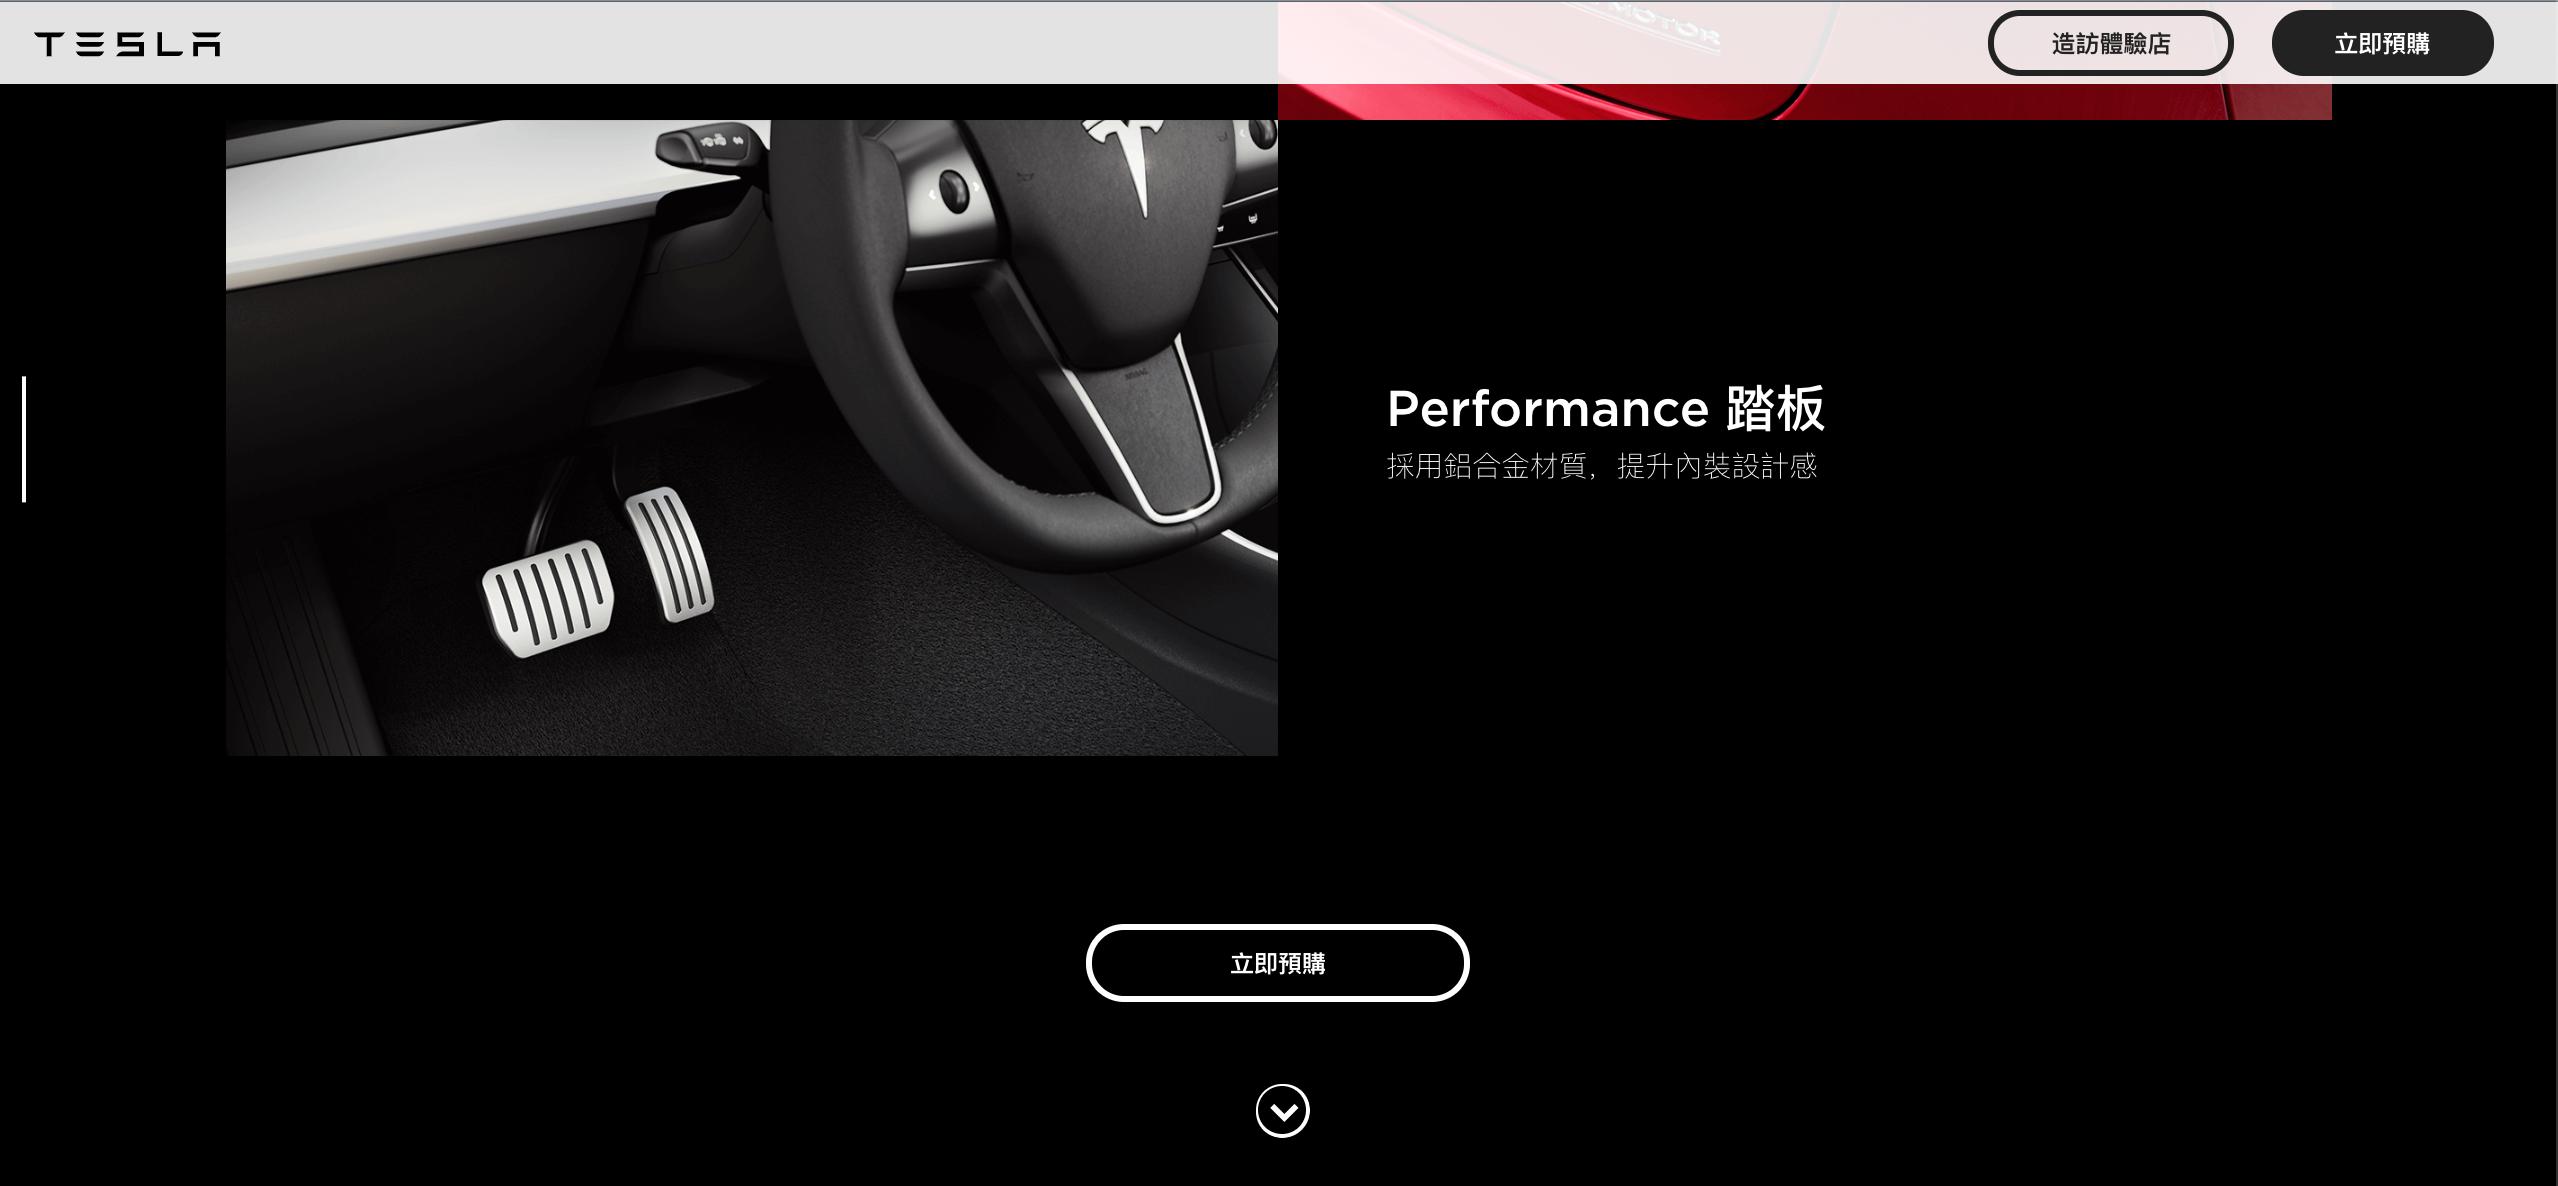 Tesla3.png